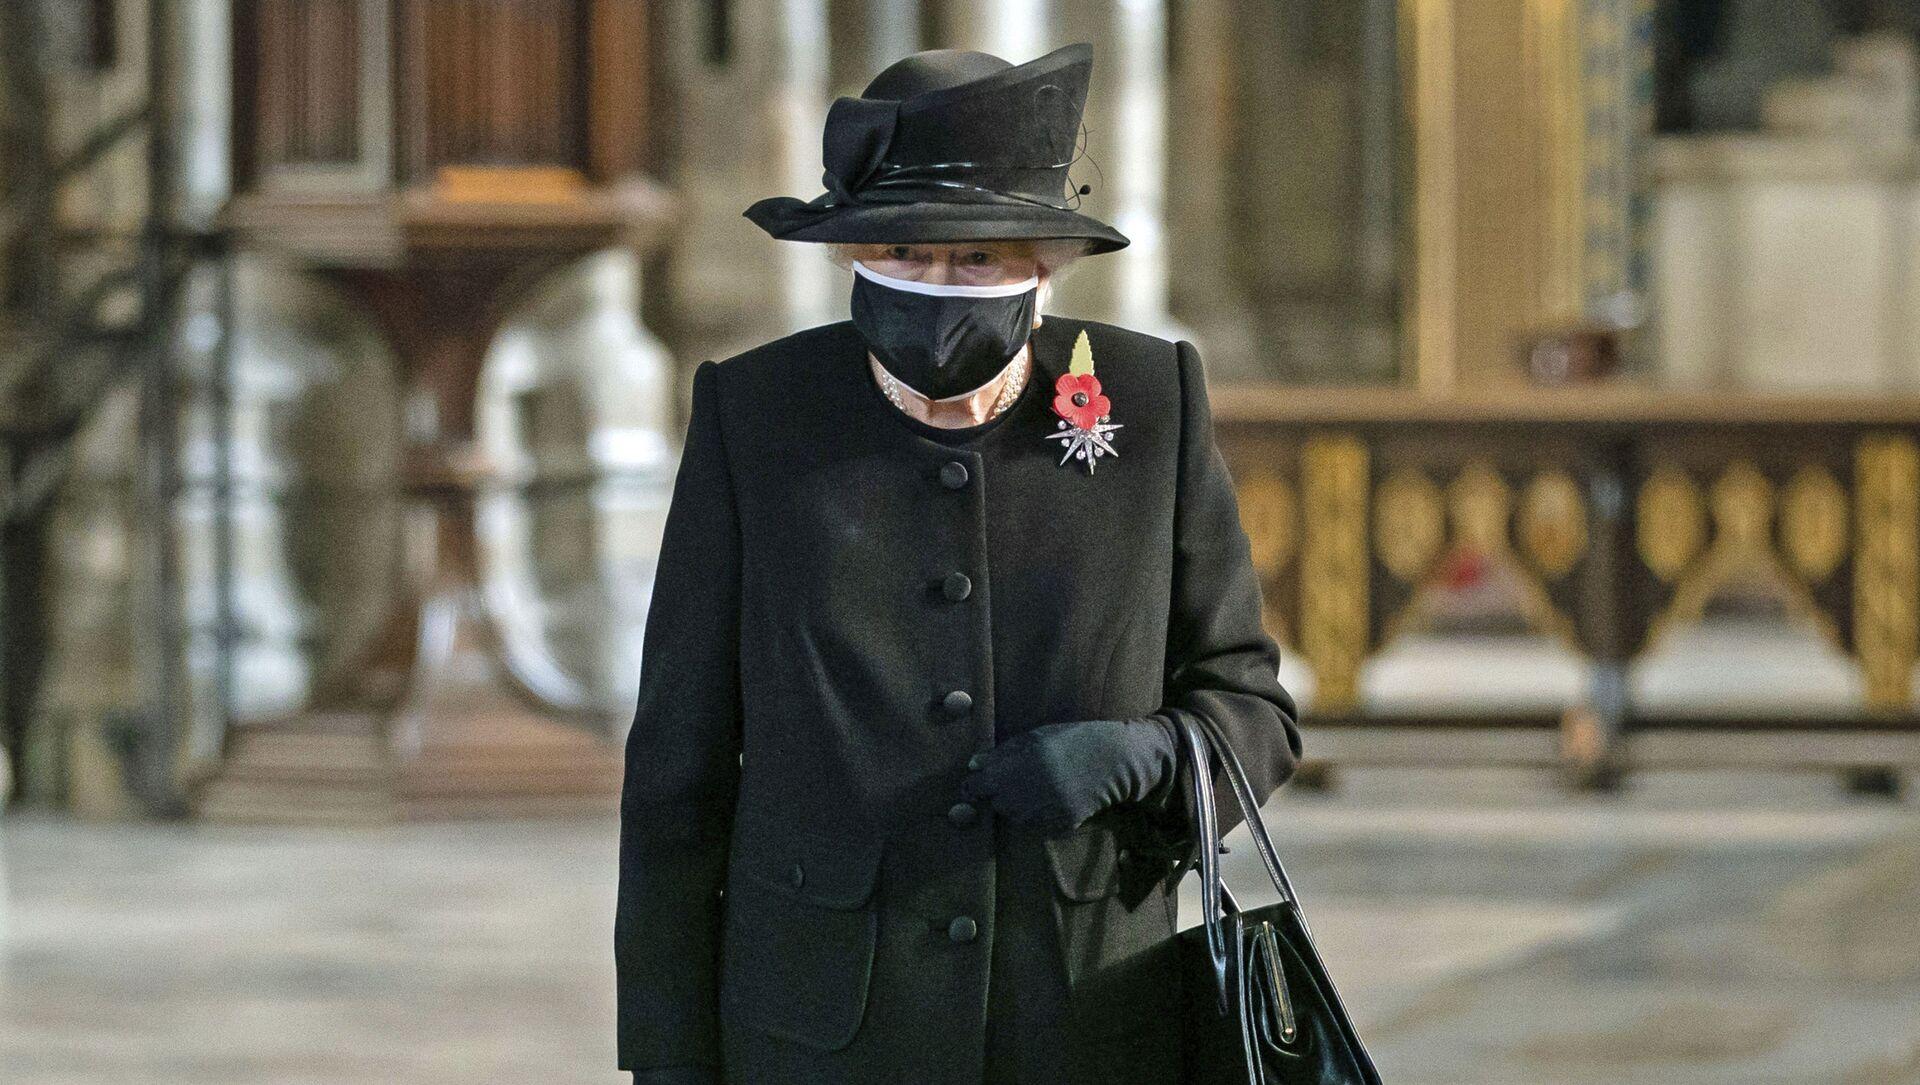 Nữ hoàng Elizabeth II Vương quốc Anh trong một buổi lễ ở Tu viện Westminster - Sputnik Việt Nam, 1920, 23.08.2021